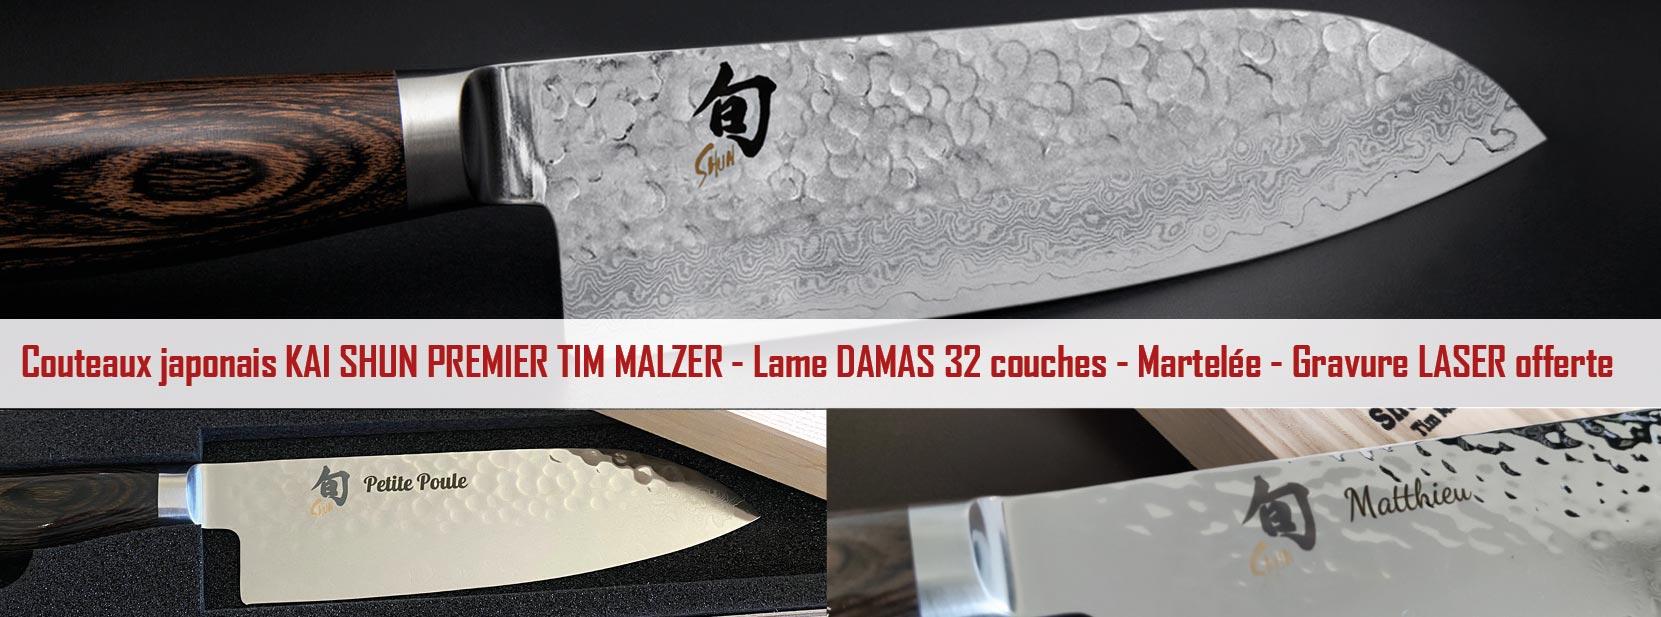 Collection de couteaux japonais gravés